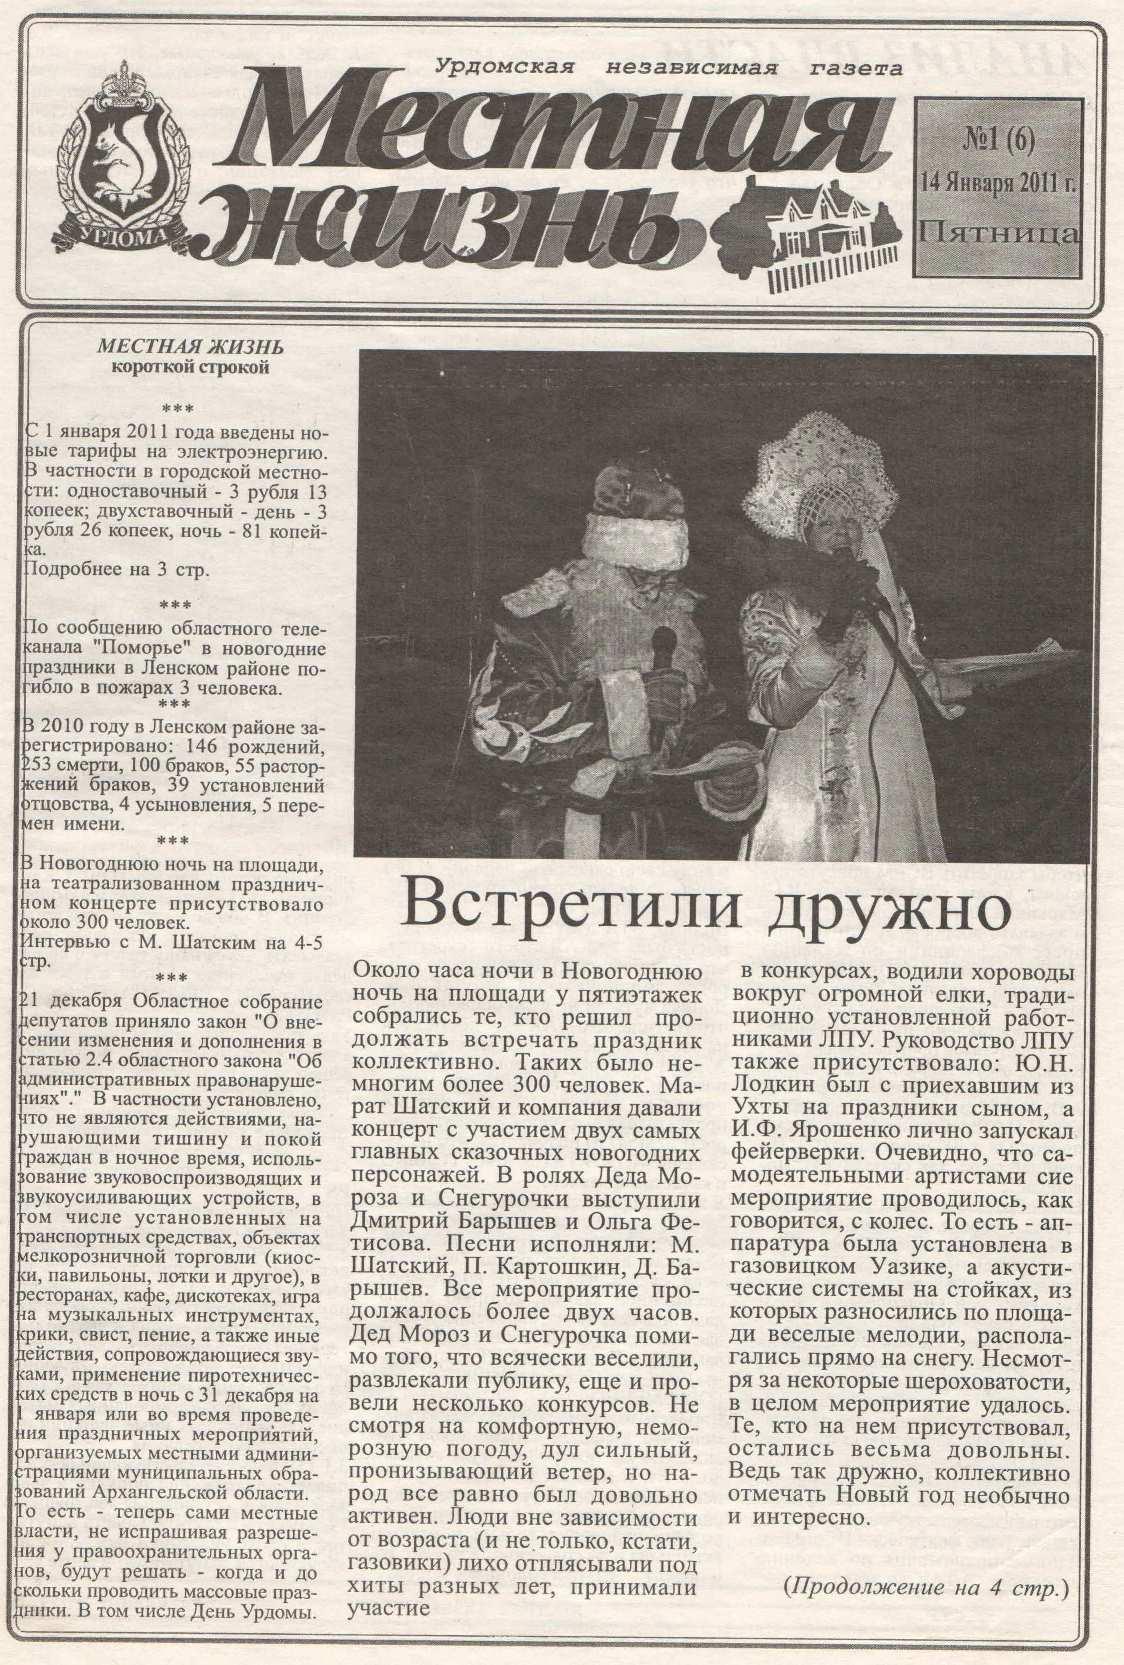 """14.01.2011. Урдома. Газета """"Местная жизнь""""."""